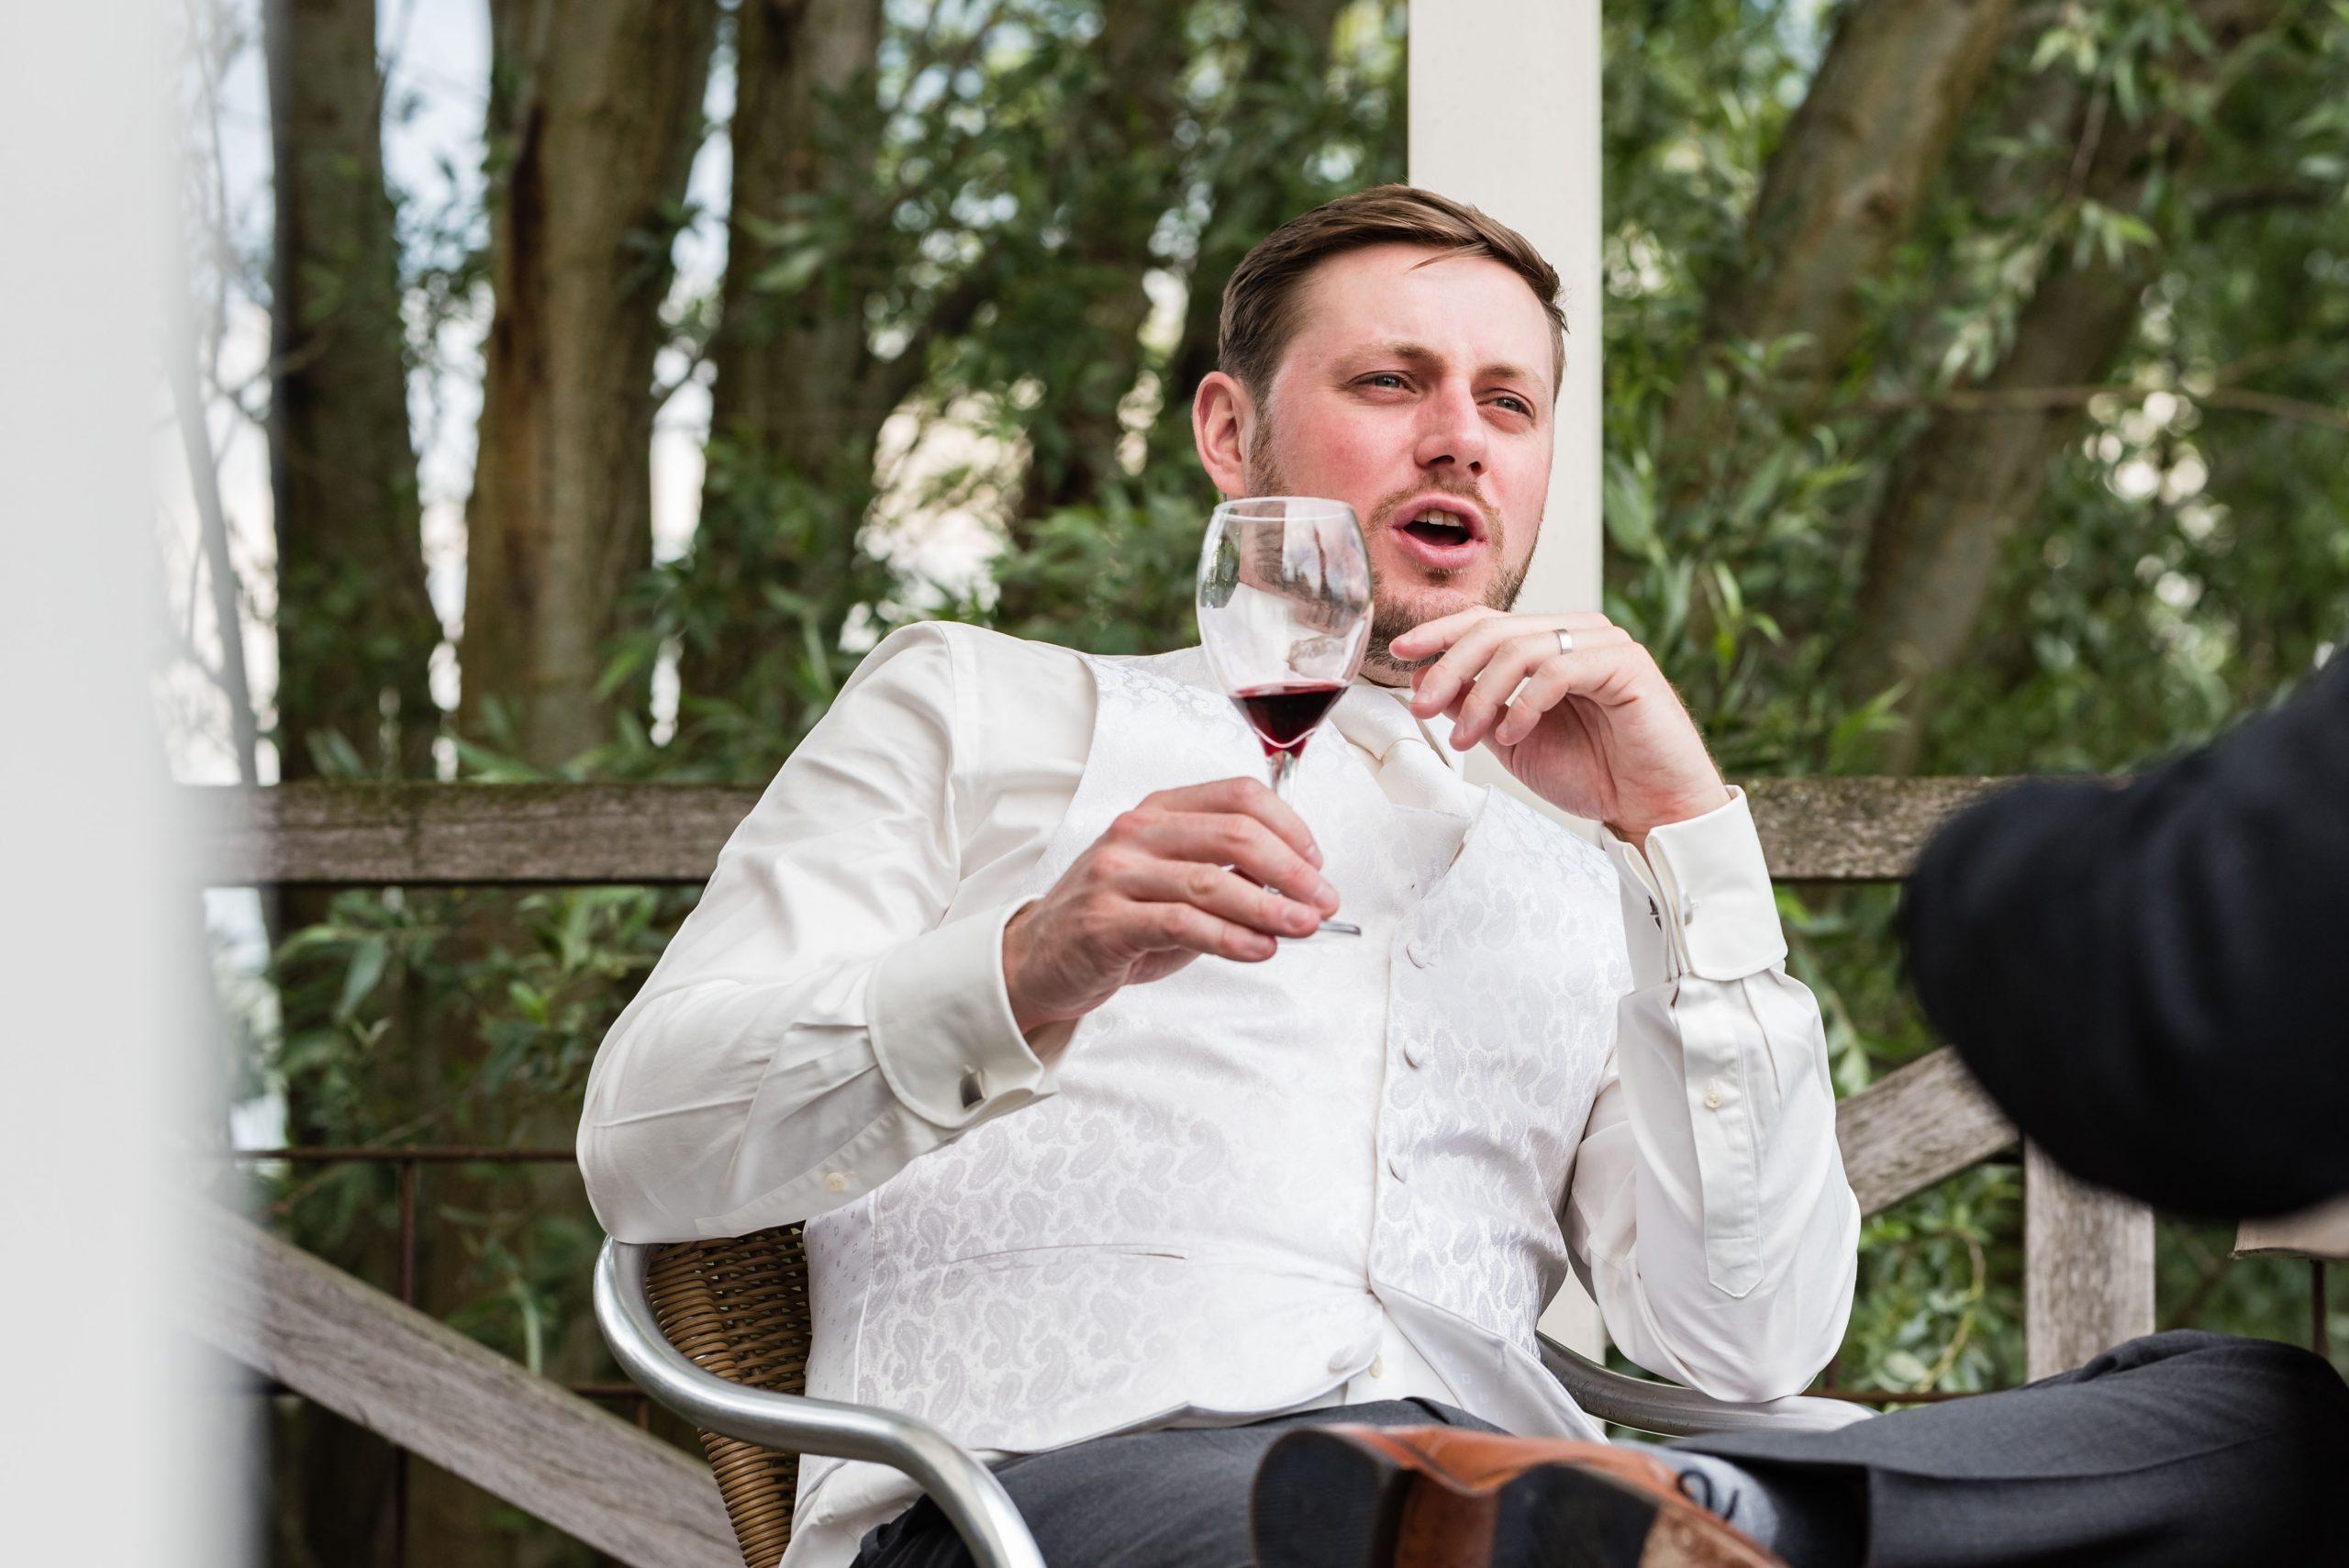 Bruidegom ontspant met een glas wijn op het terras.